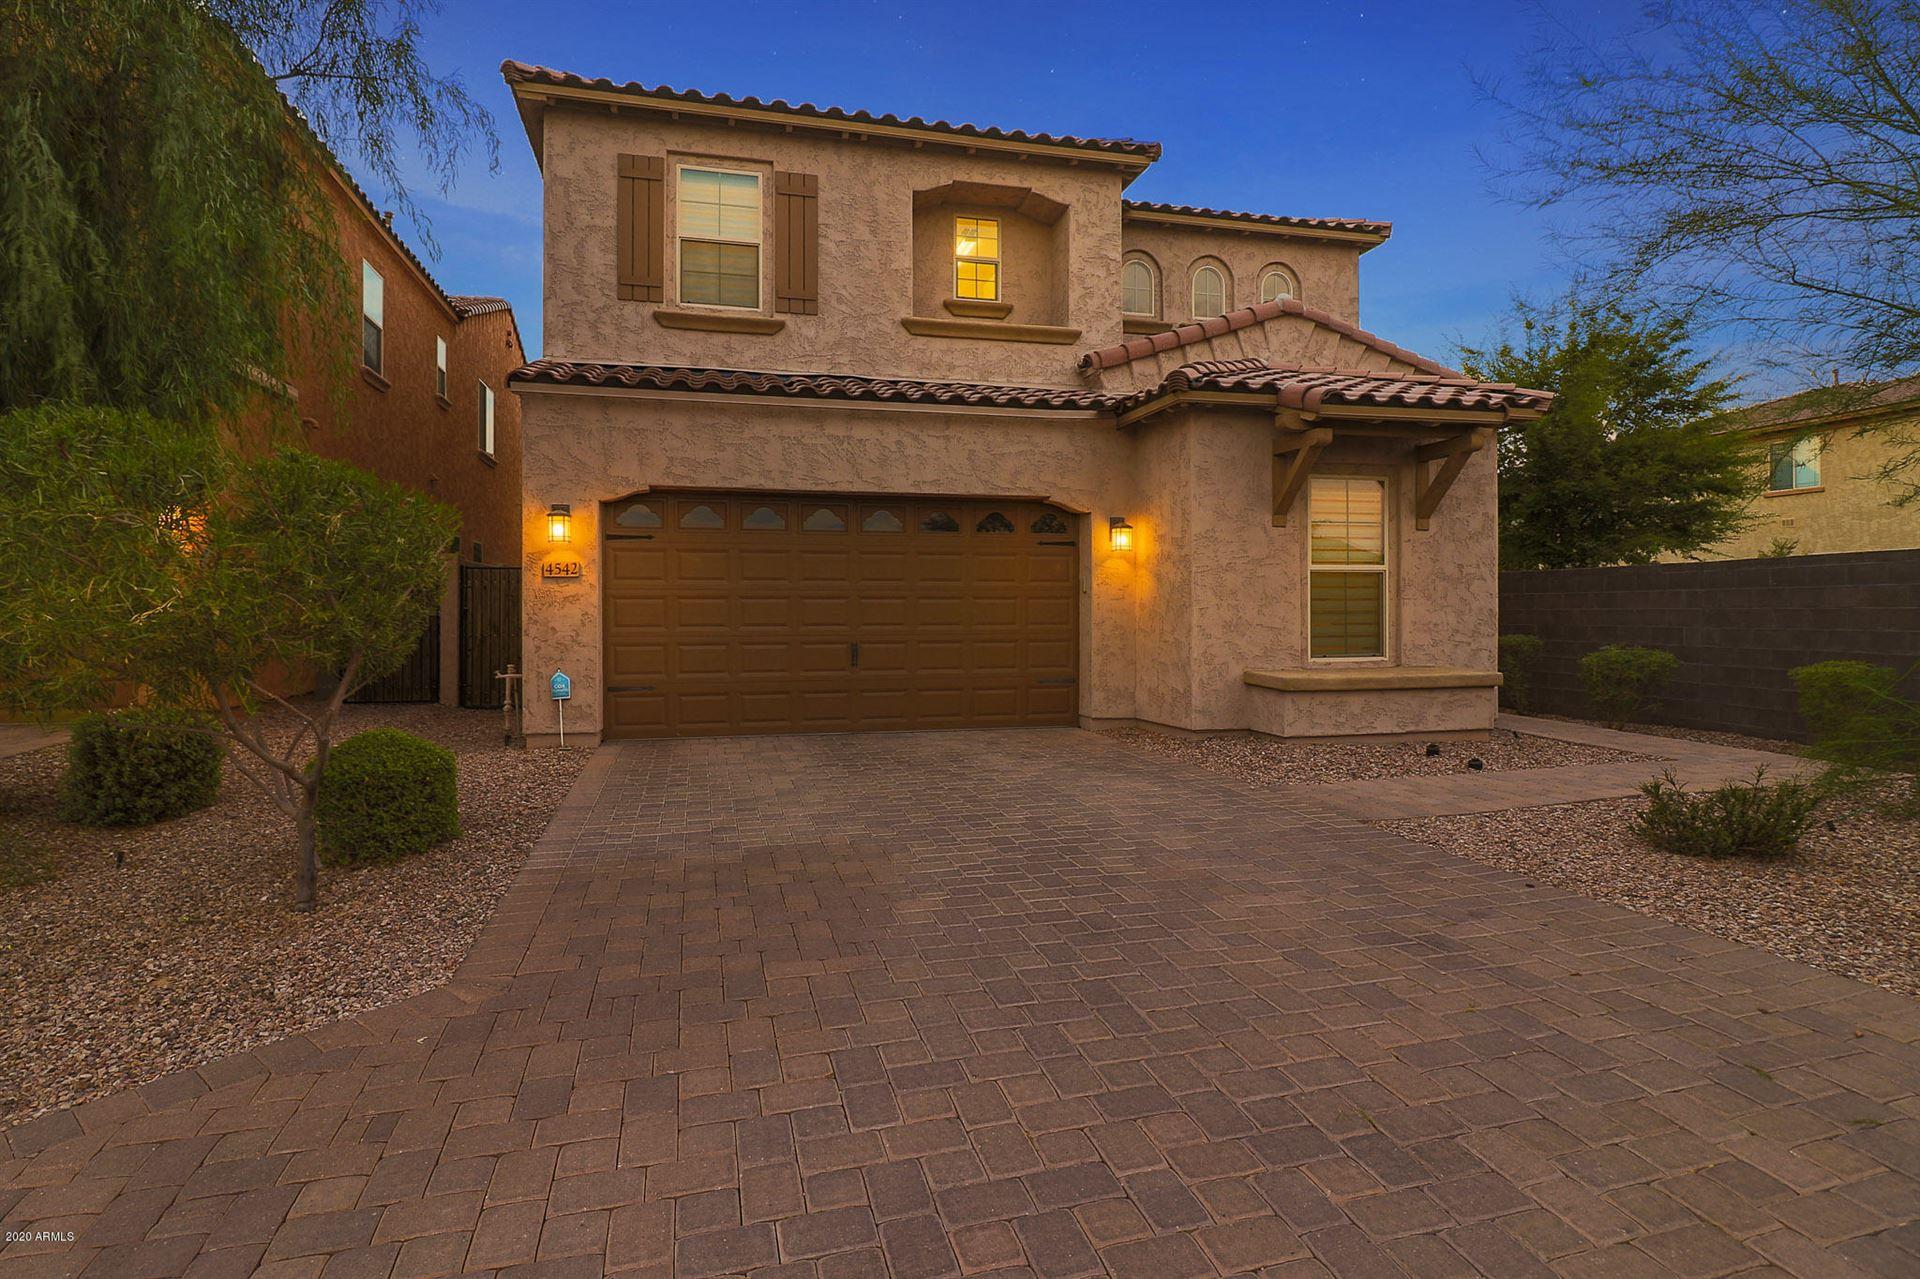 4542 E VISTA BONITA Drive, Phoenix, AZ 85050 - MLS#: 6128620